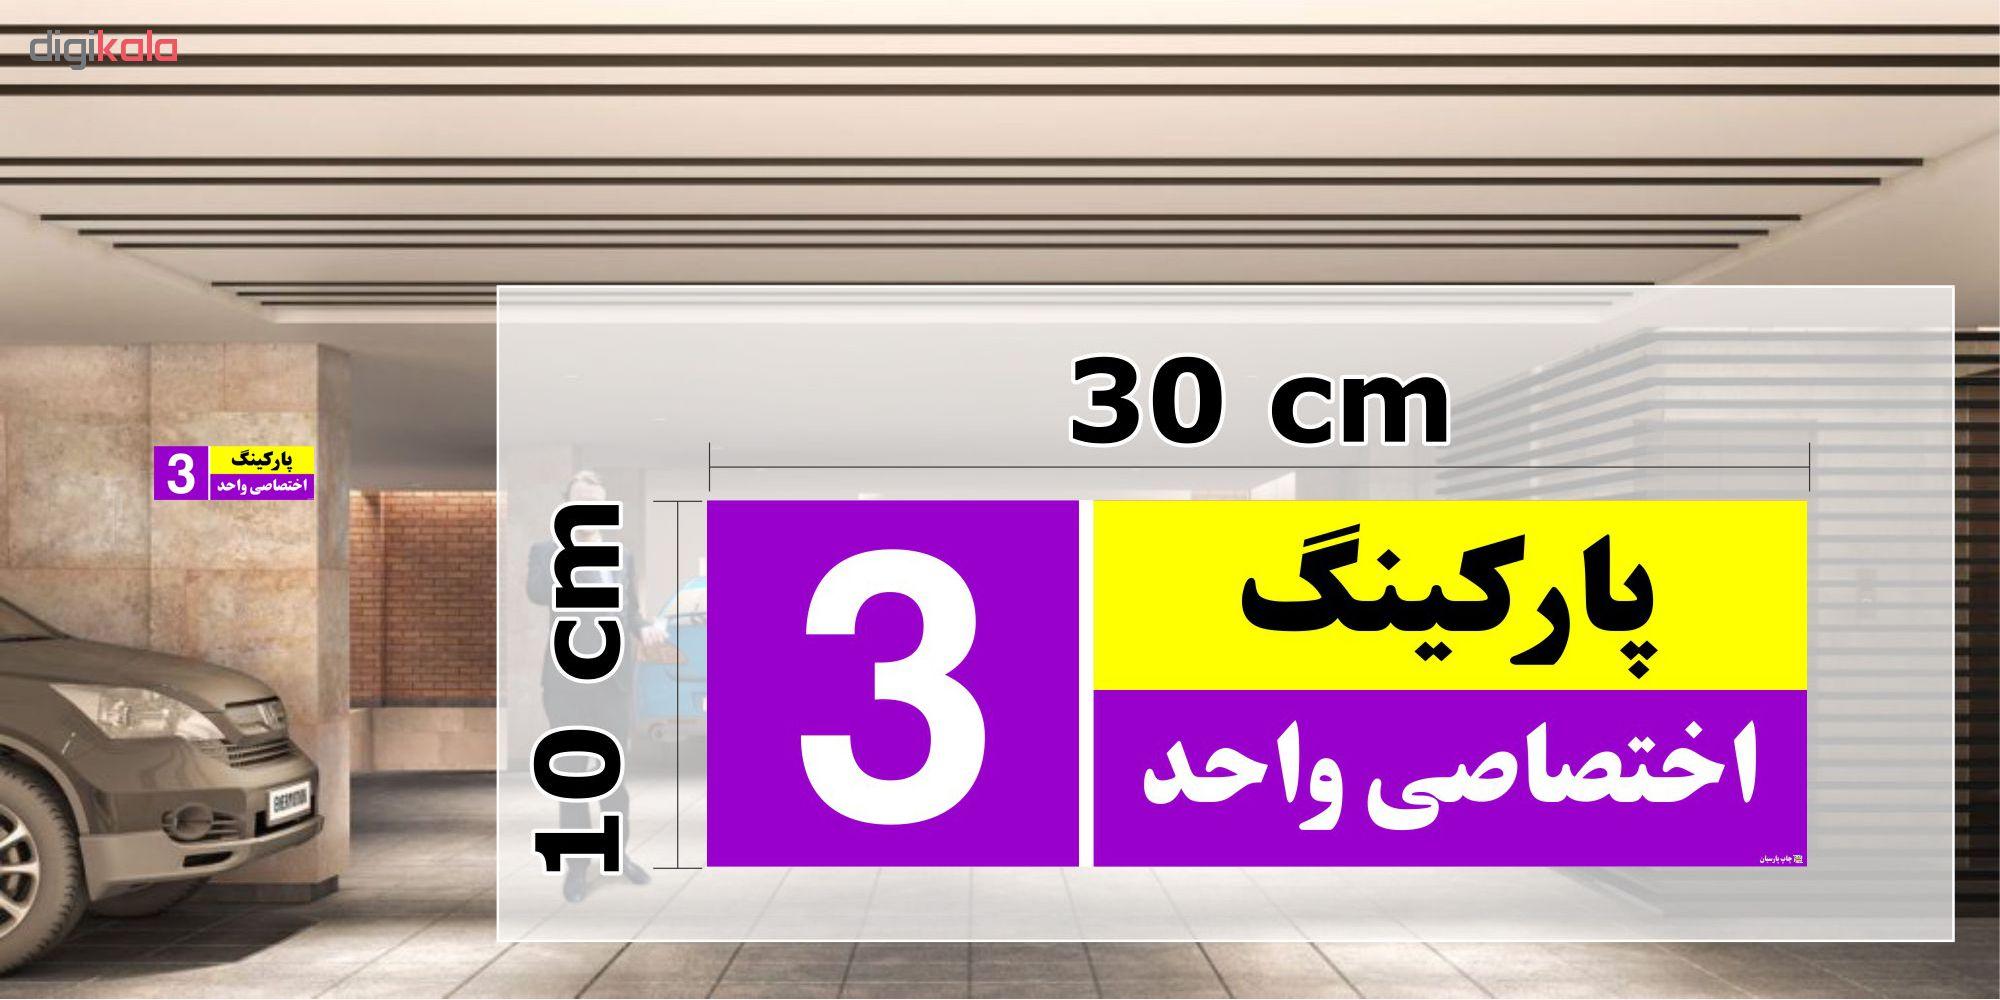 تابلو نشانگر چاپ پارسیان طرح شماره پارکینگ اختصاصی واحد 3